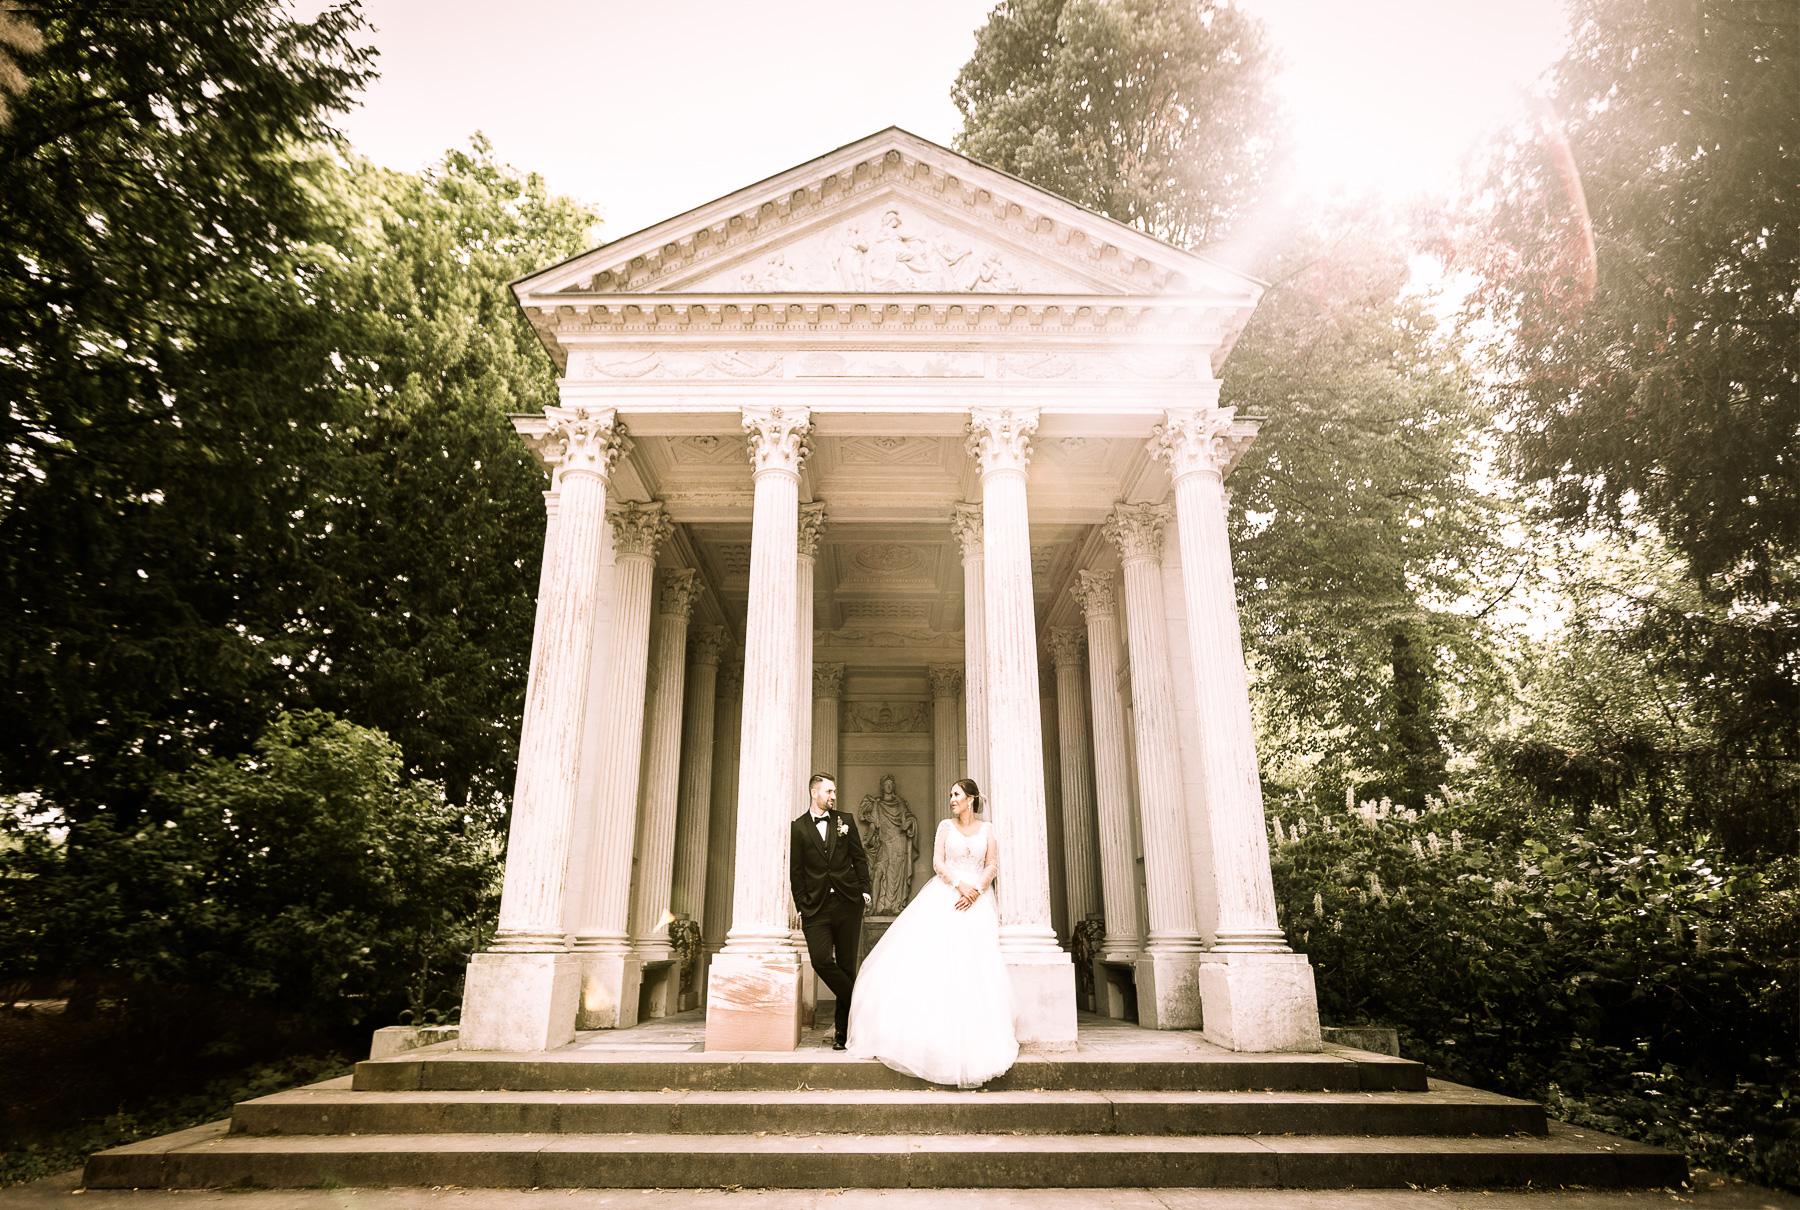 Im Schatten des Hochzeitsgartens